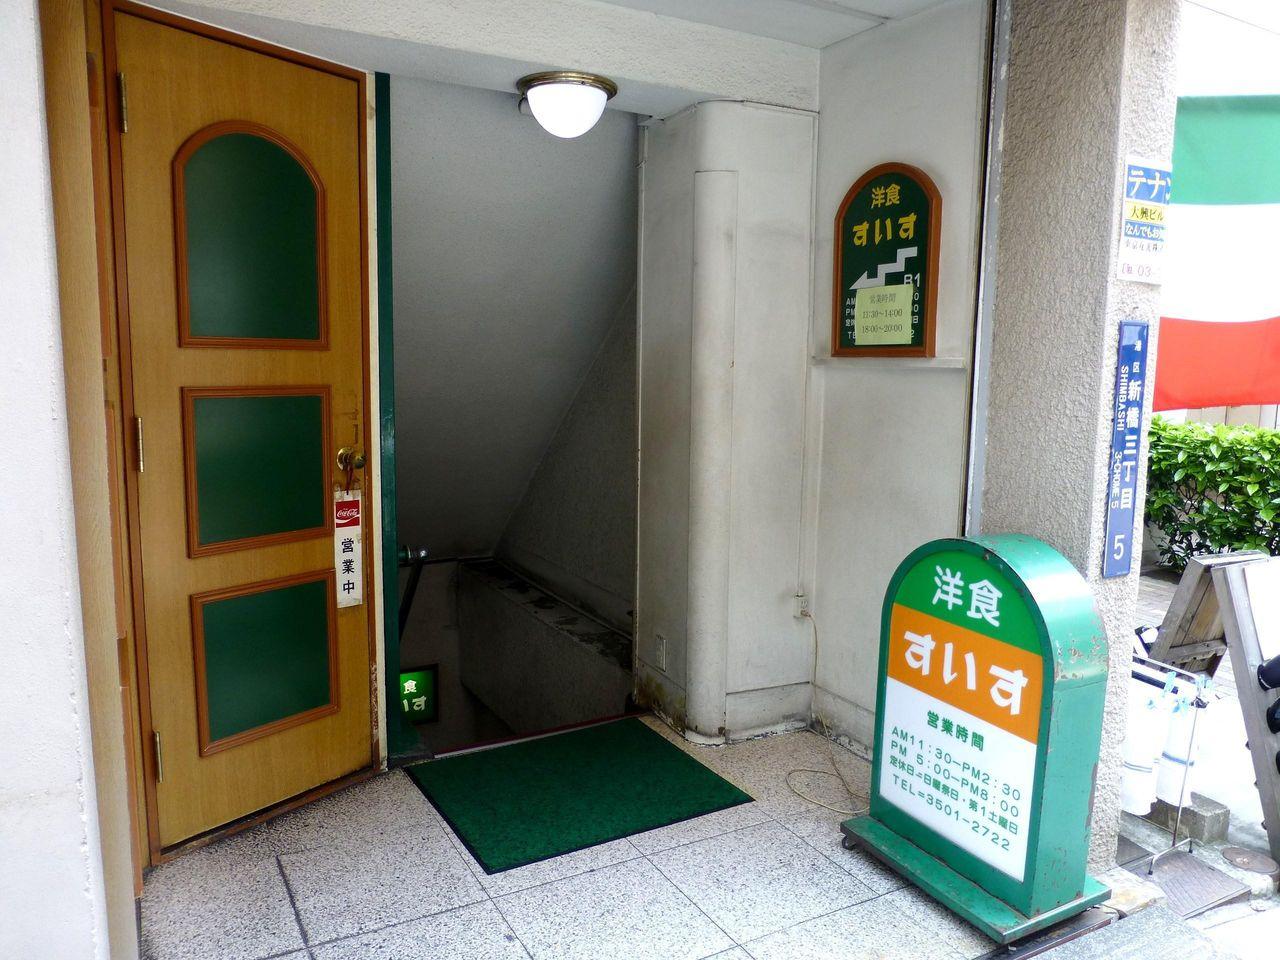 狭い階段を下りると、レトロな洋食店が!